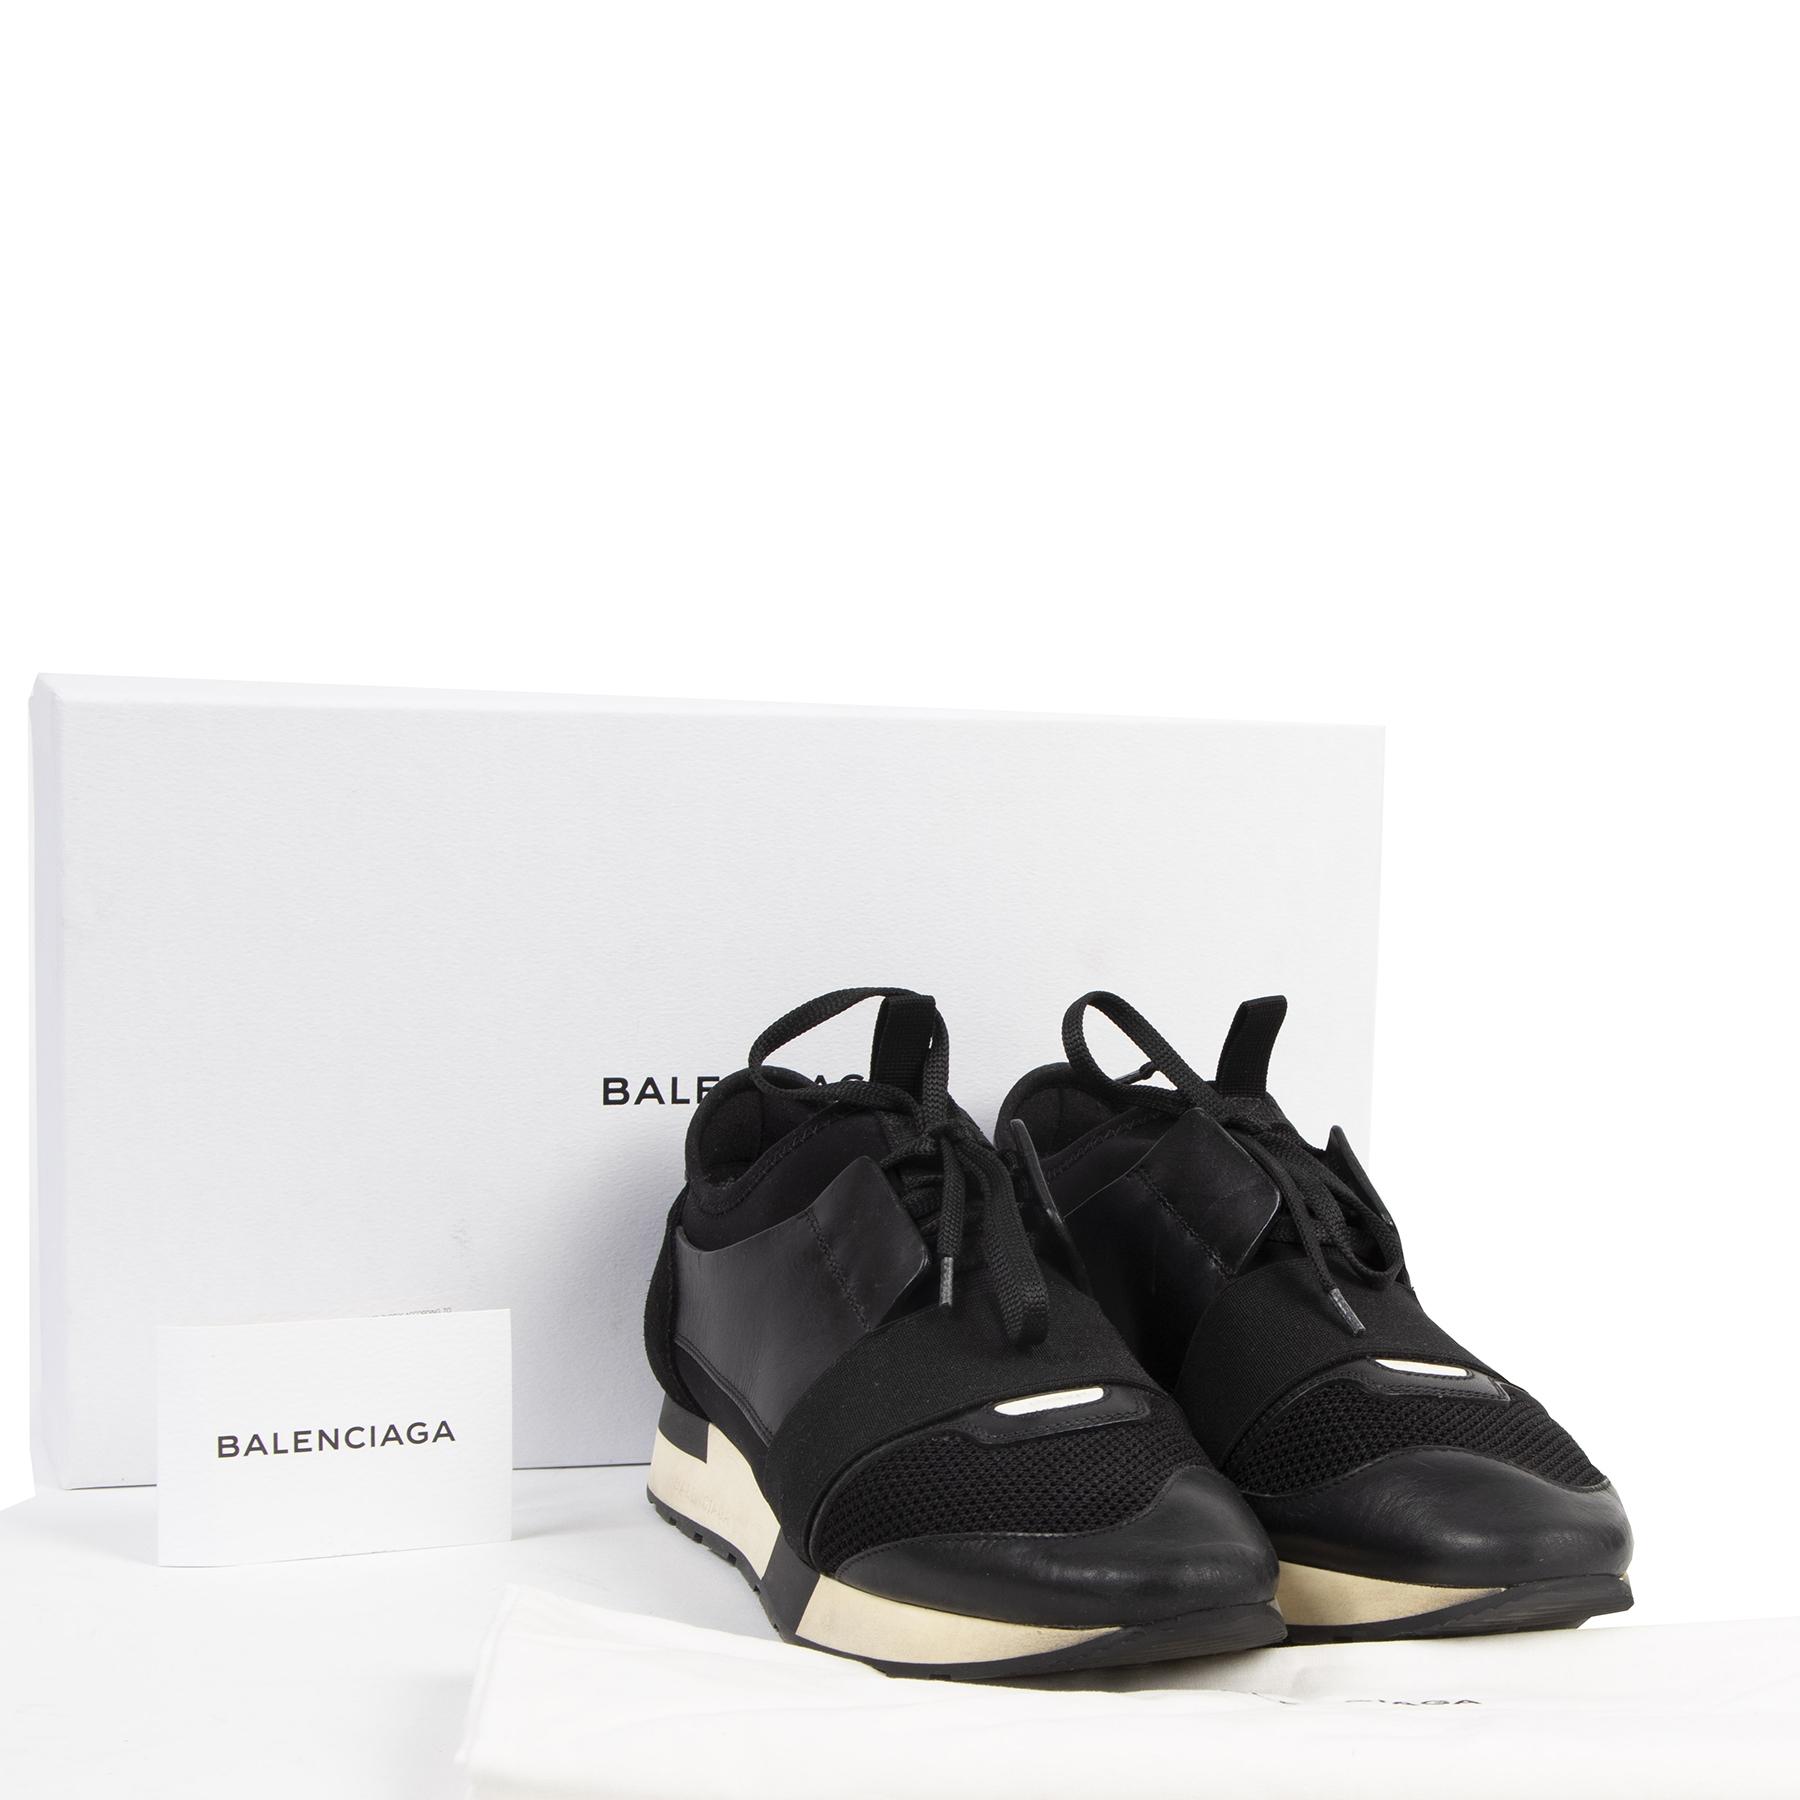 Balenciaga Black Race Runner Sneakers - size 41 pour le meilleur prix chez Labellov